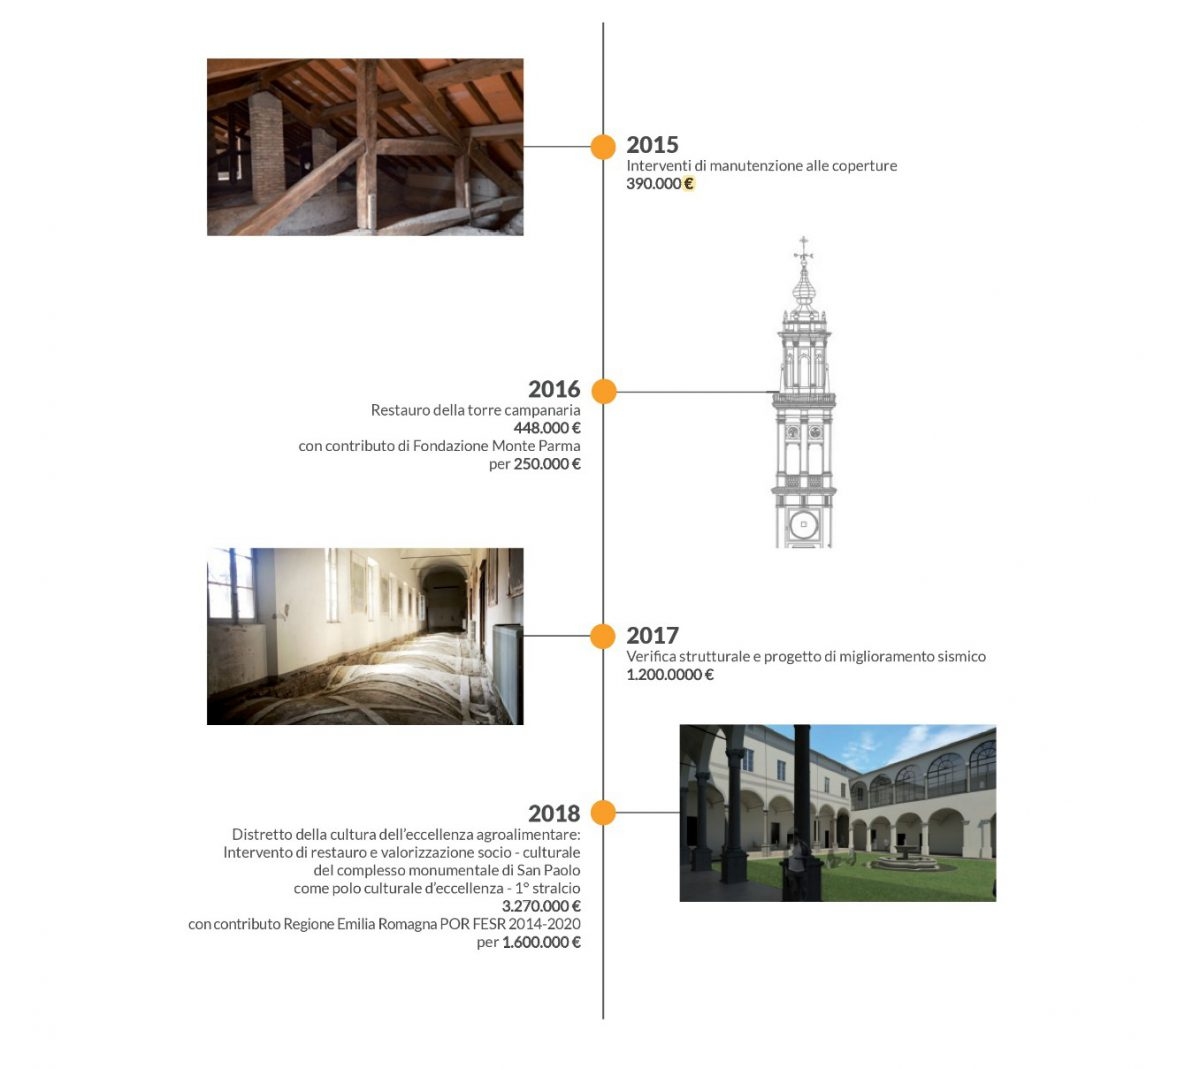 timeline intervento di restauro Chiostri del Correggio